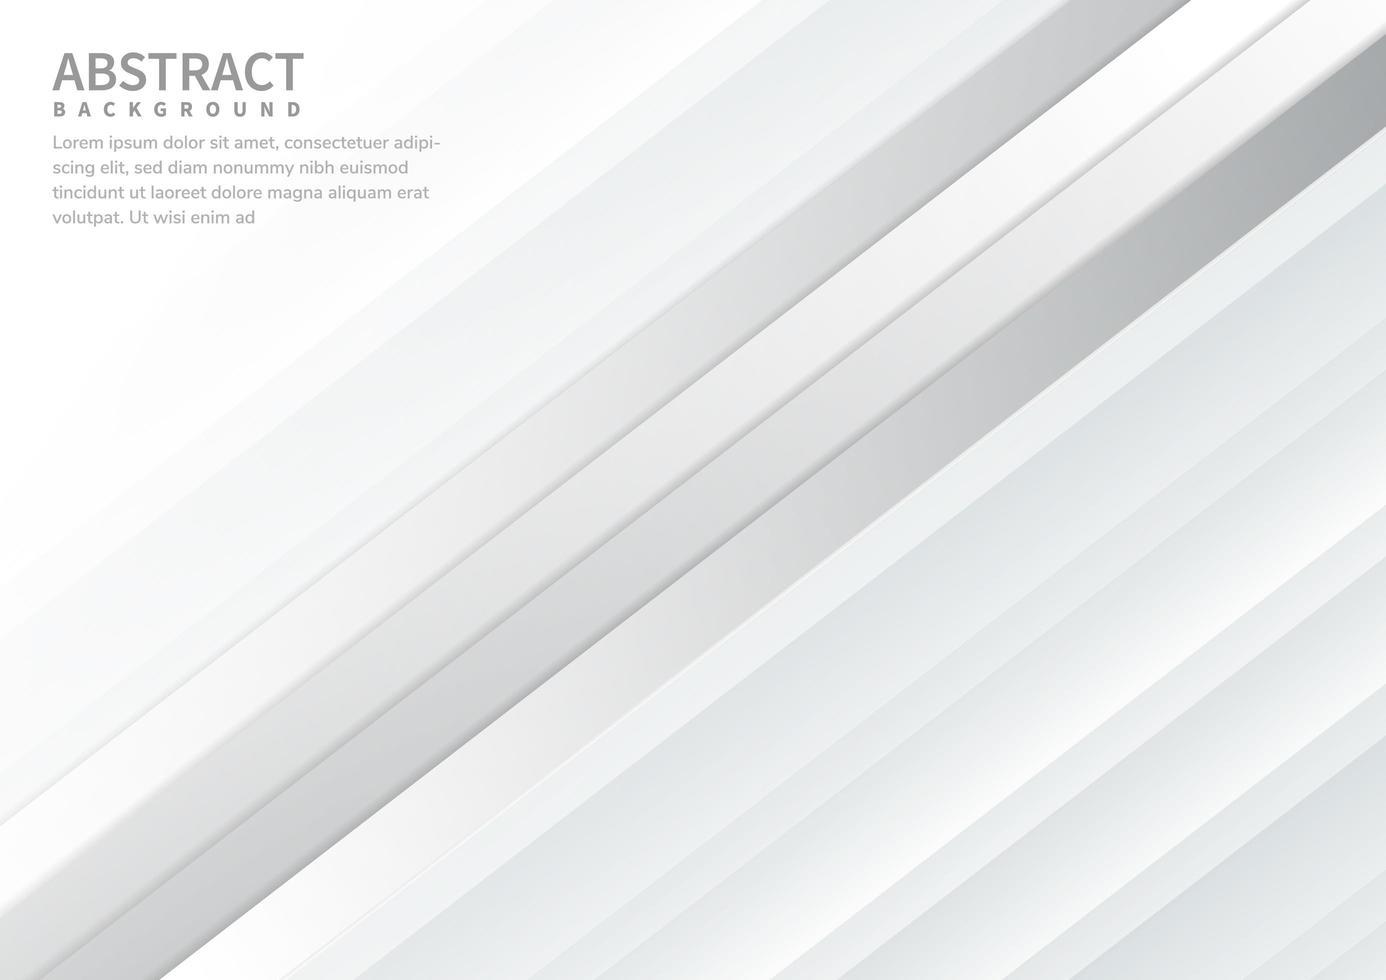 abstrakte diagonale weiße Schichten Hintergrund vektor